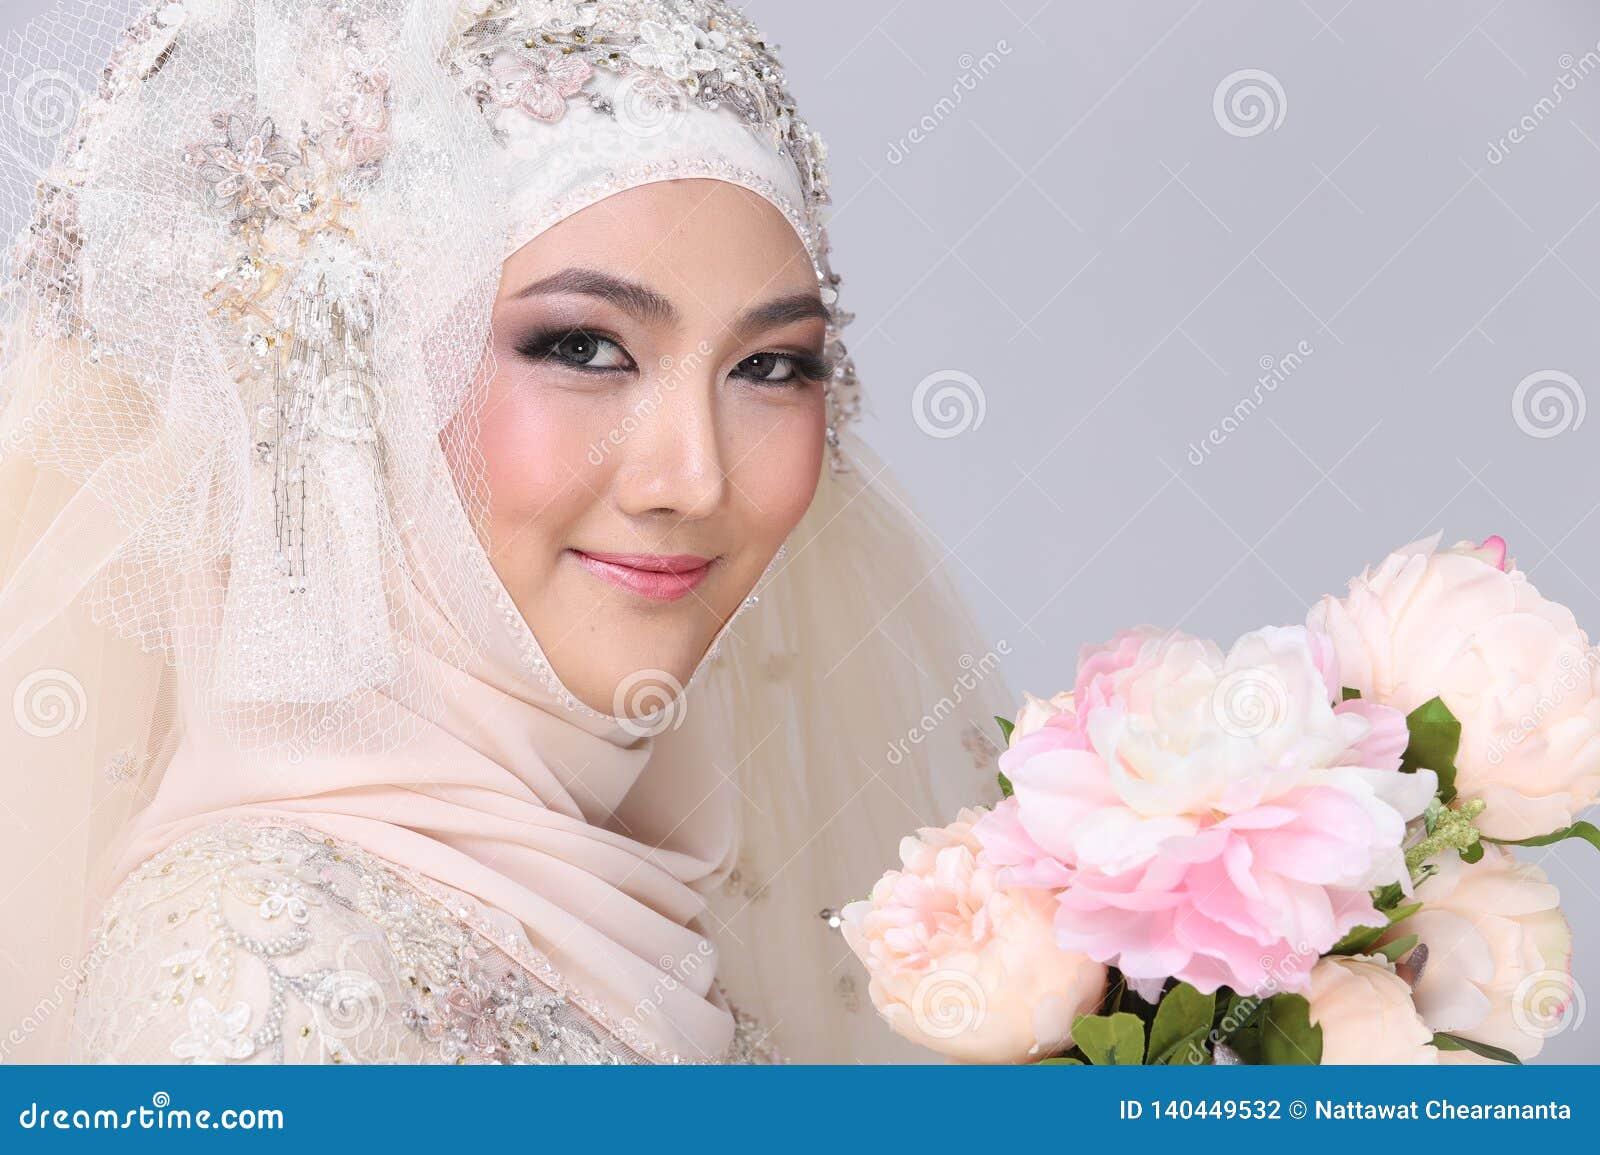 Moslemische Arabische Braut Im Spitze-Perlenhochzeitskleid